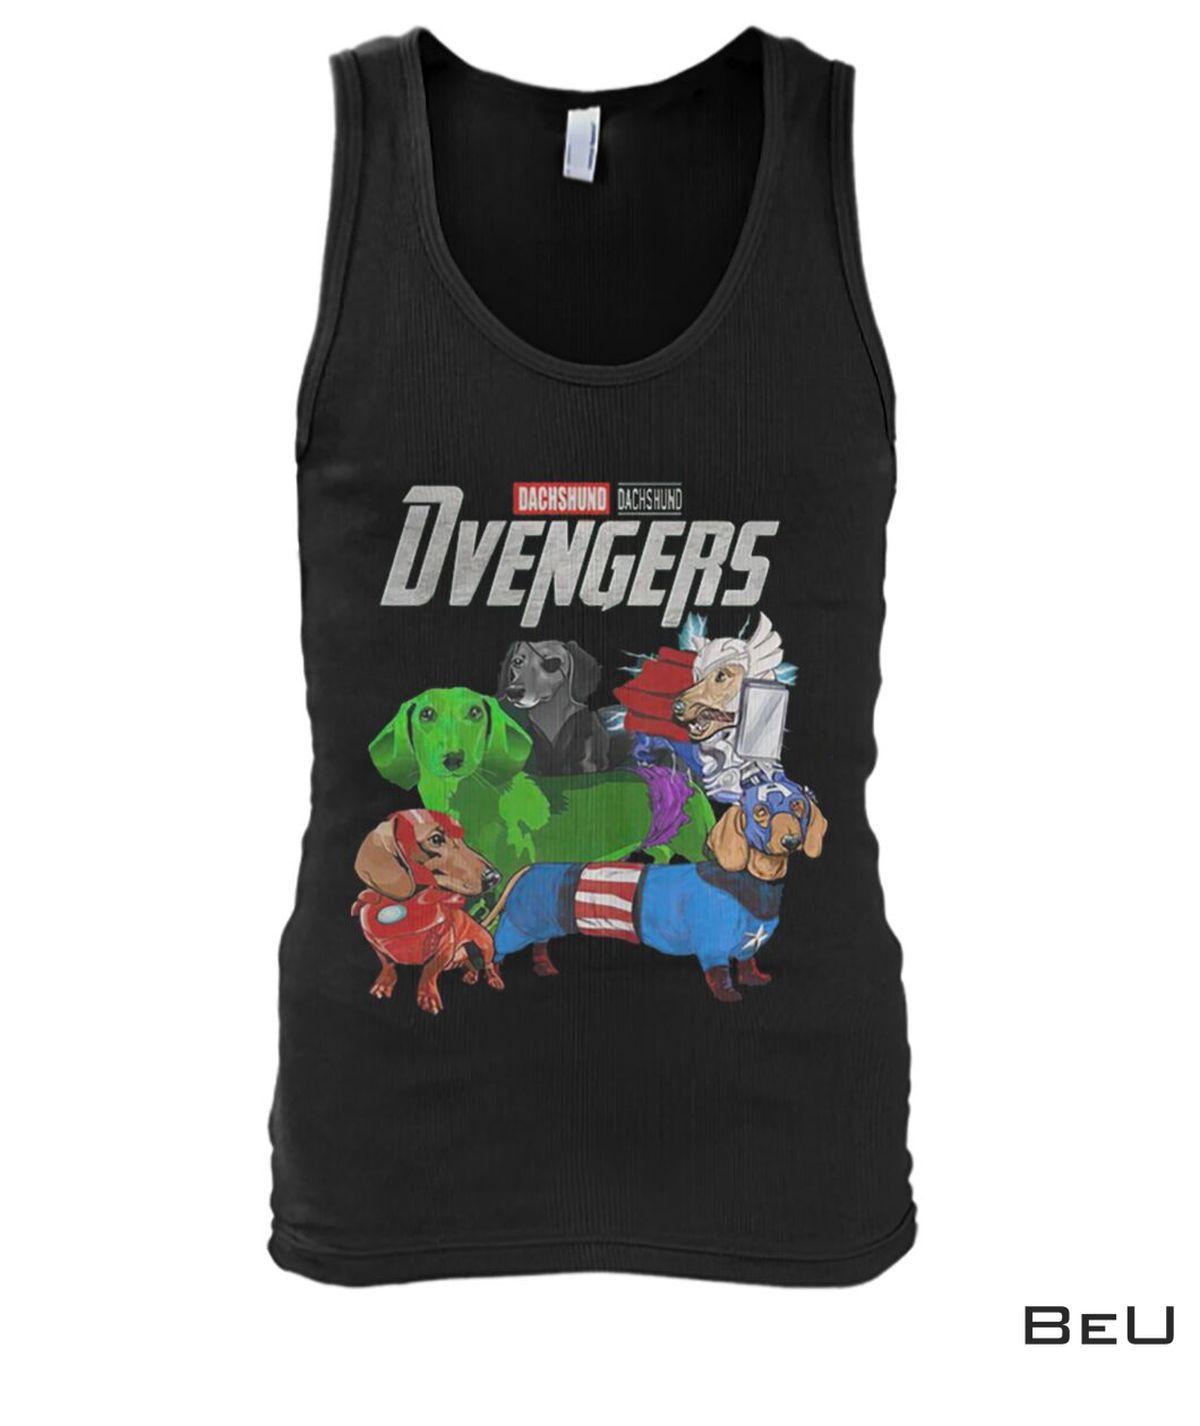 Dachshund Dvengers Avengers Shirtx